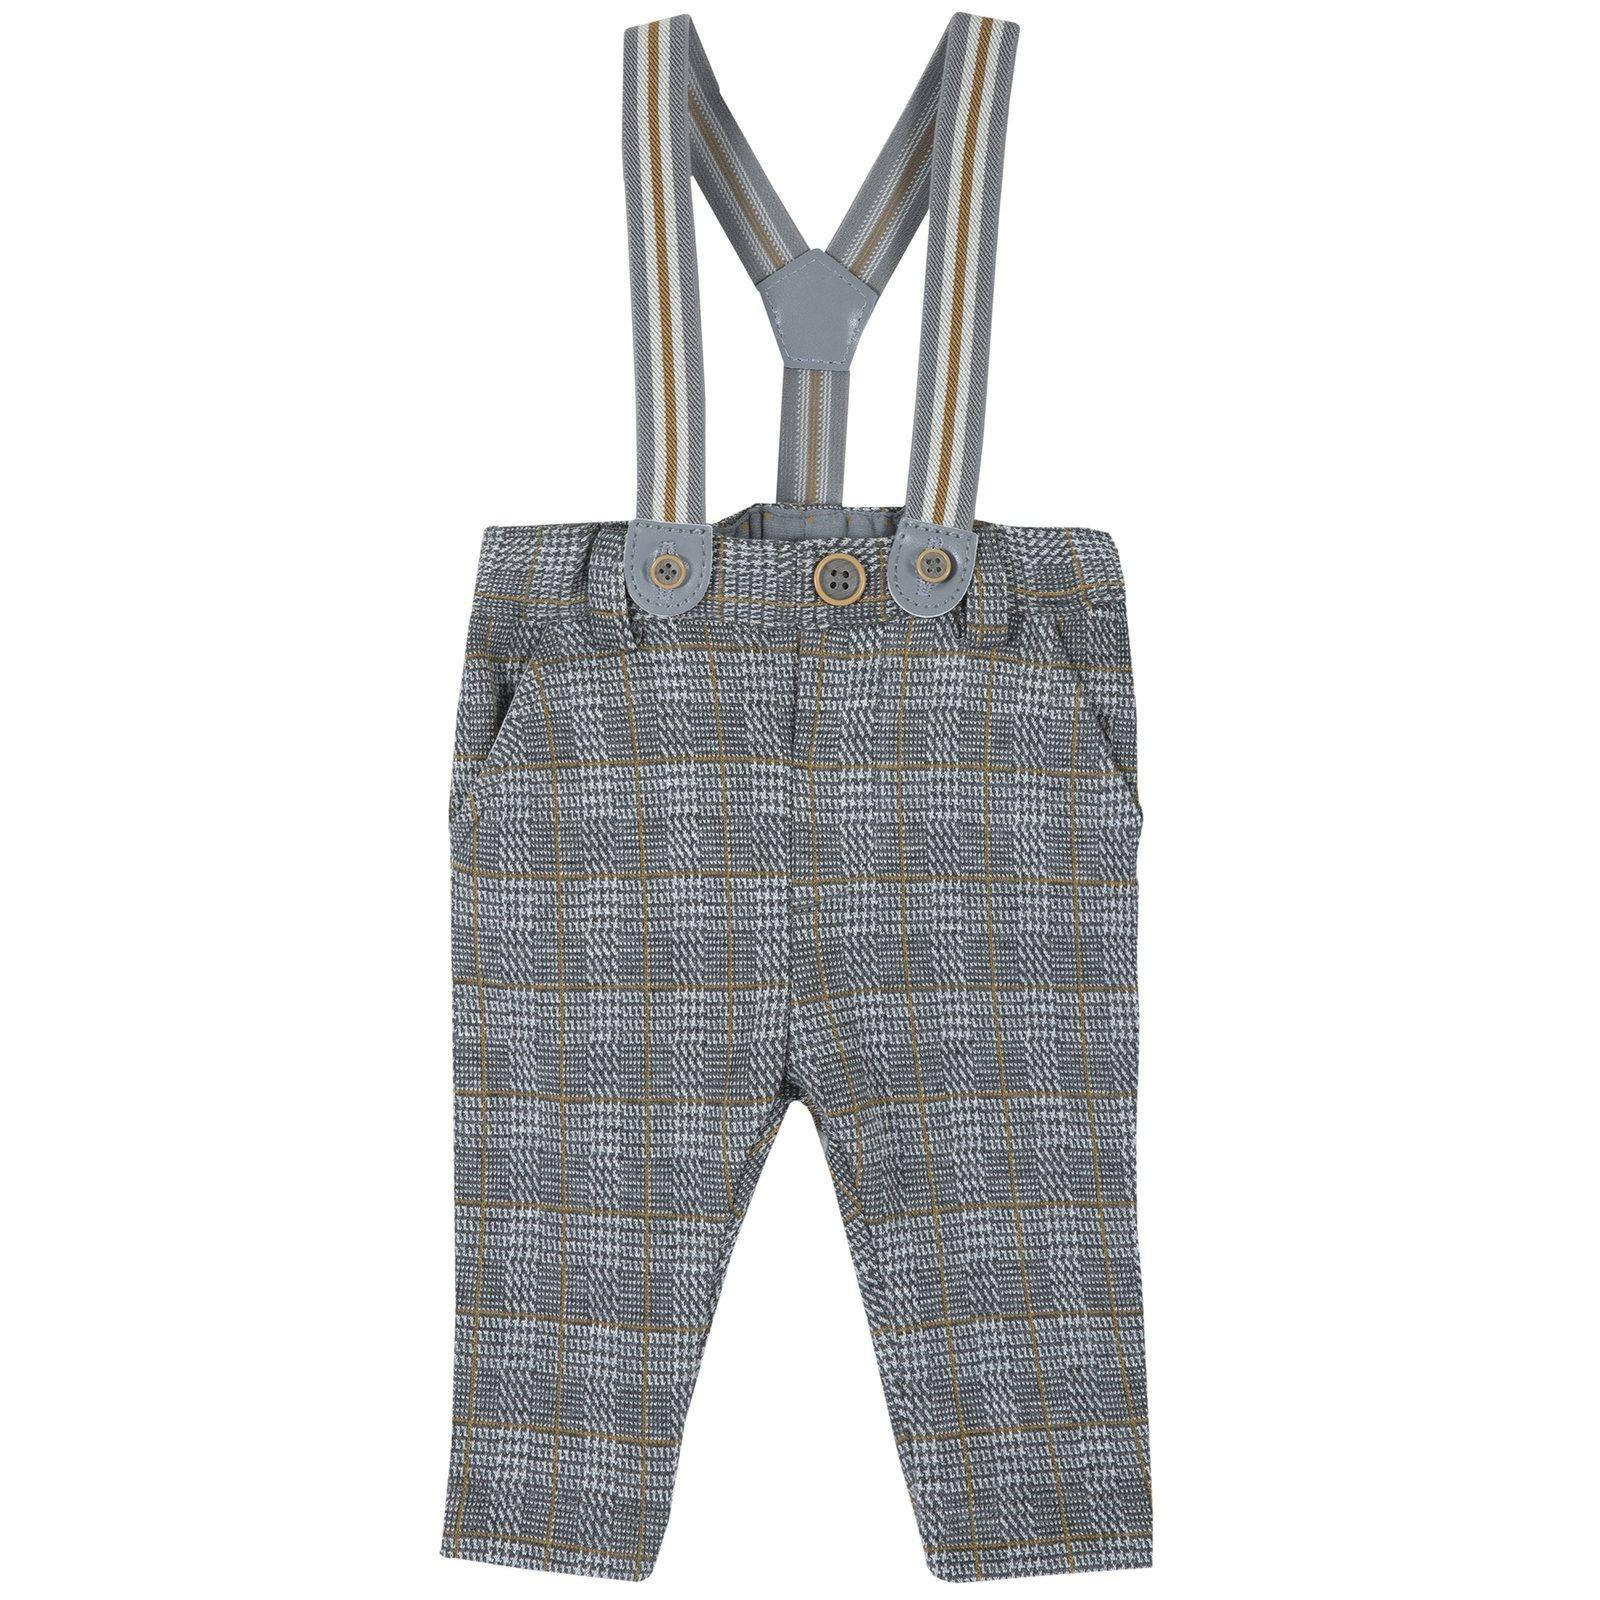 cerca il più recente vendita outlet scegli l'autorizzazione Pantalone lungo con bretelle